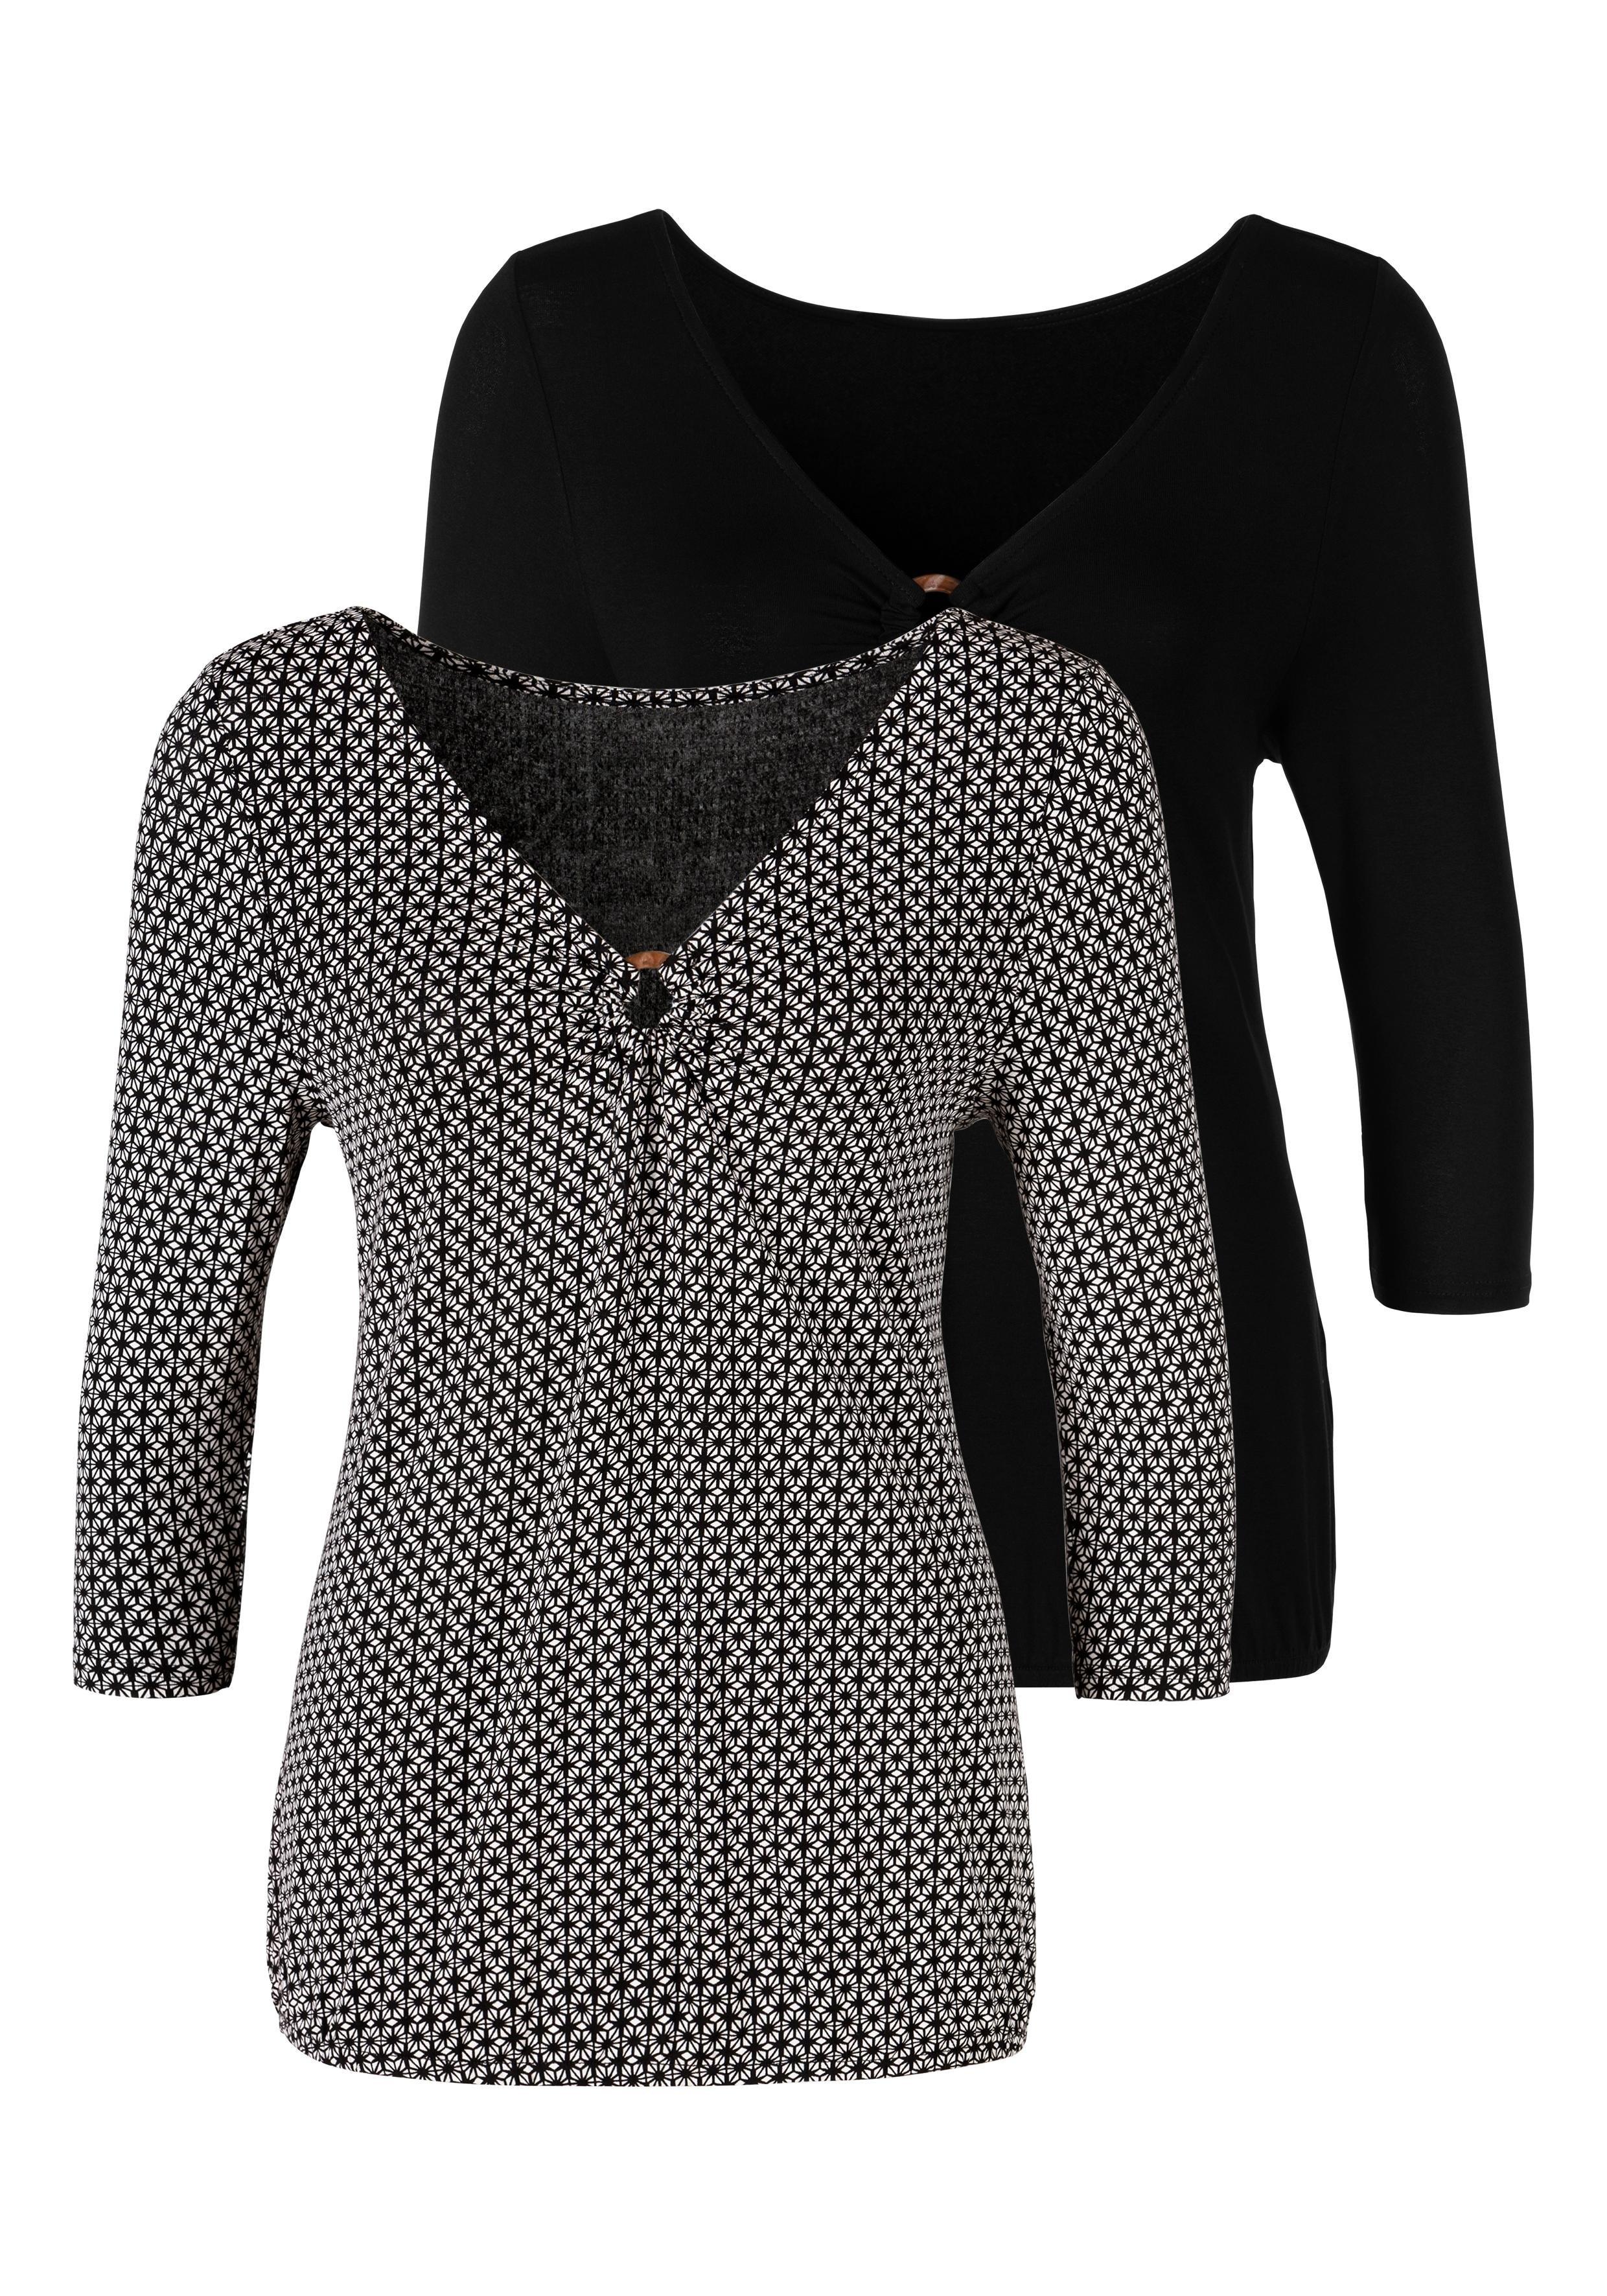 LASCANA shirt met 3/4-mouwen in de webshop van Lascana kopen